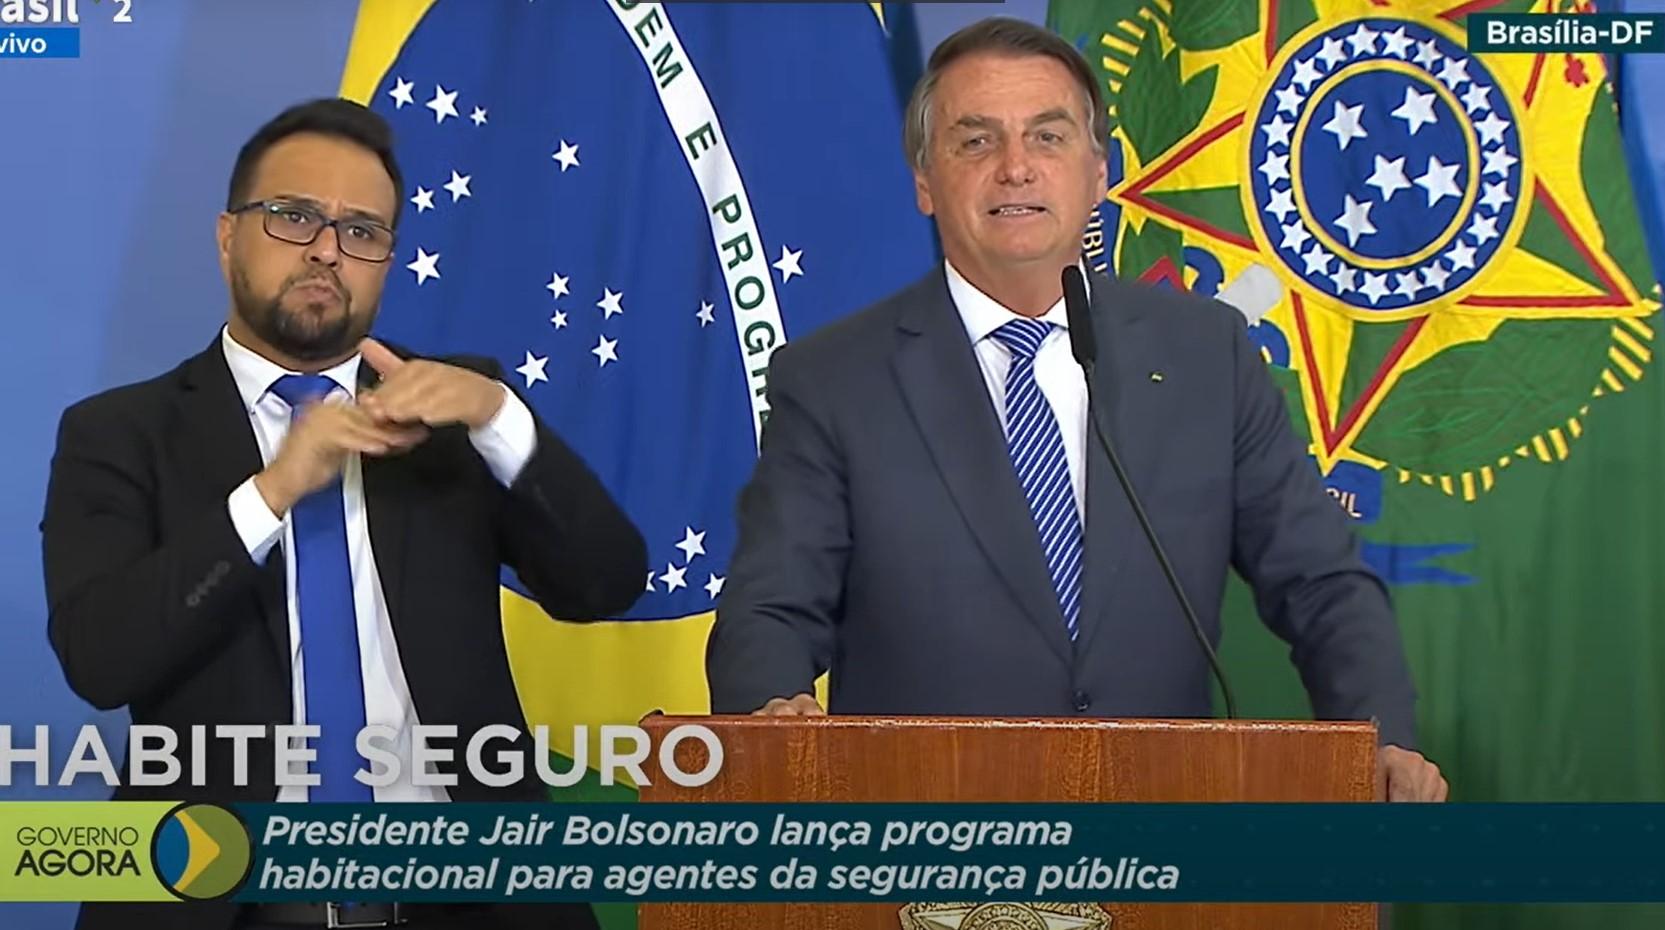 IMAGEM: Bolsonaro sugere que policiais paguem R$ 10 a viúvas de colegas mortos